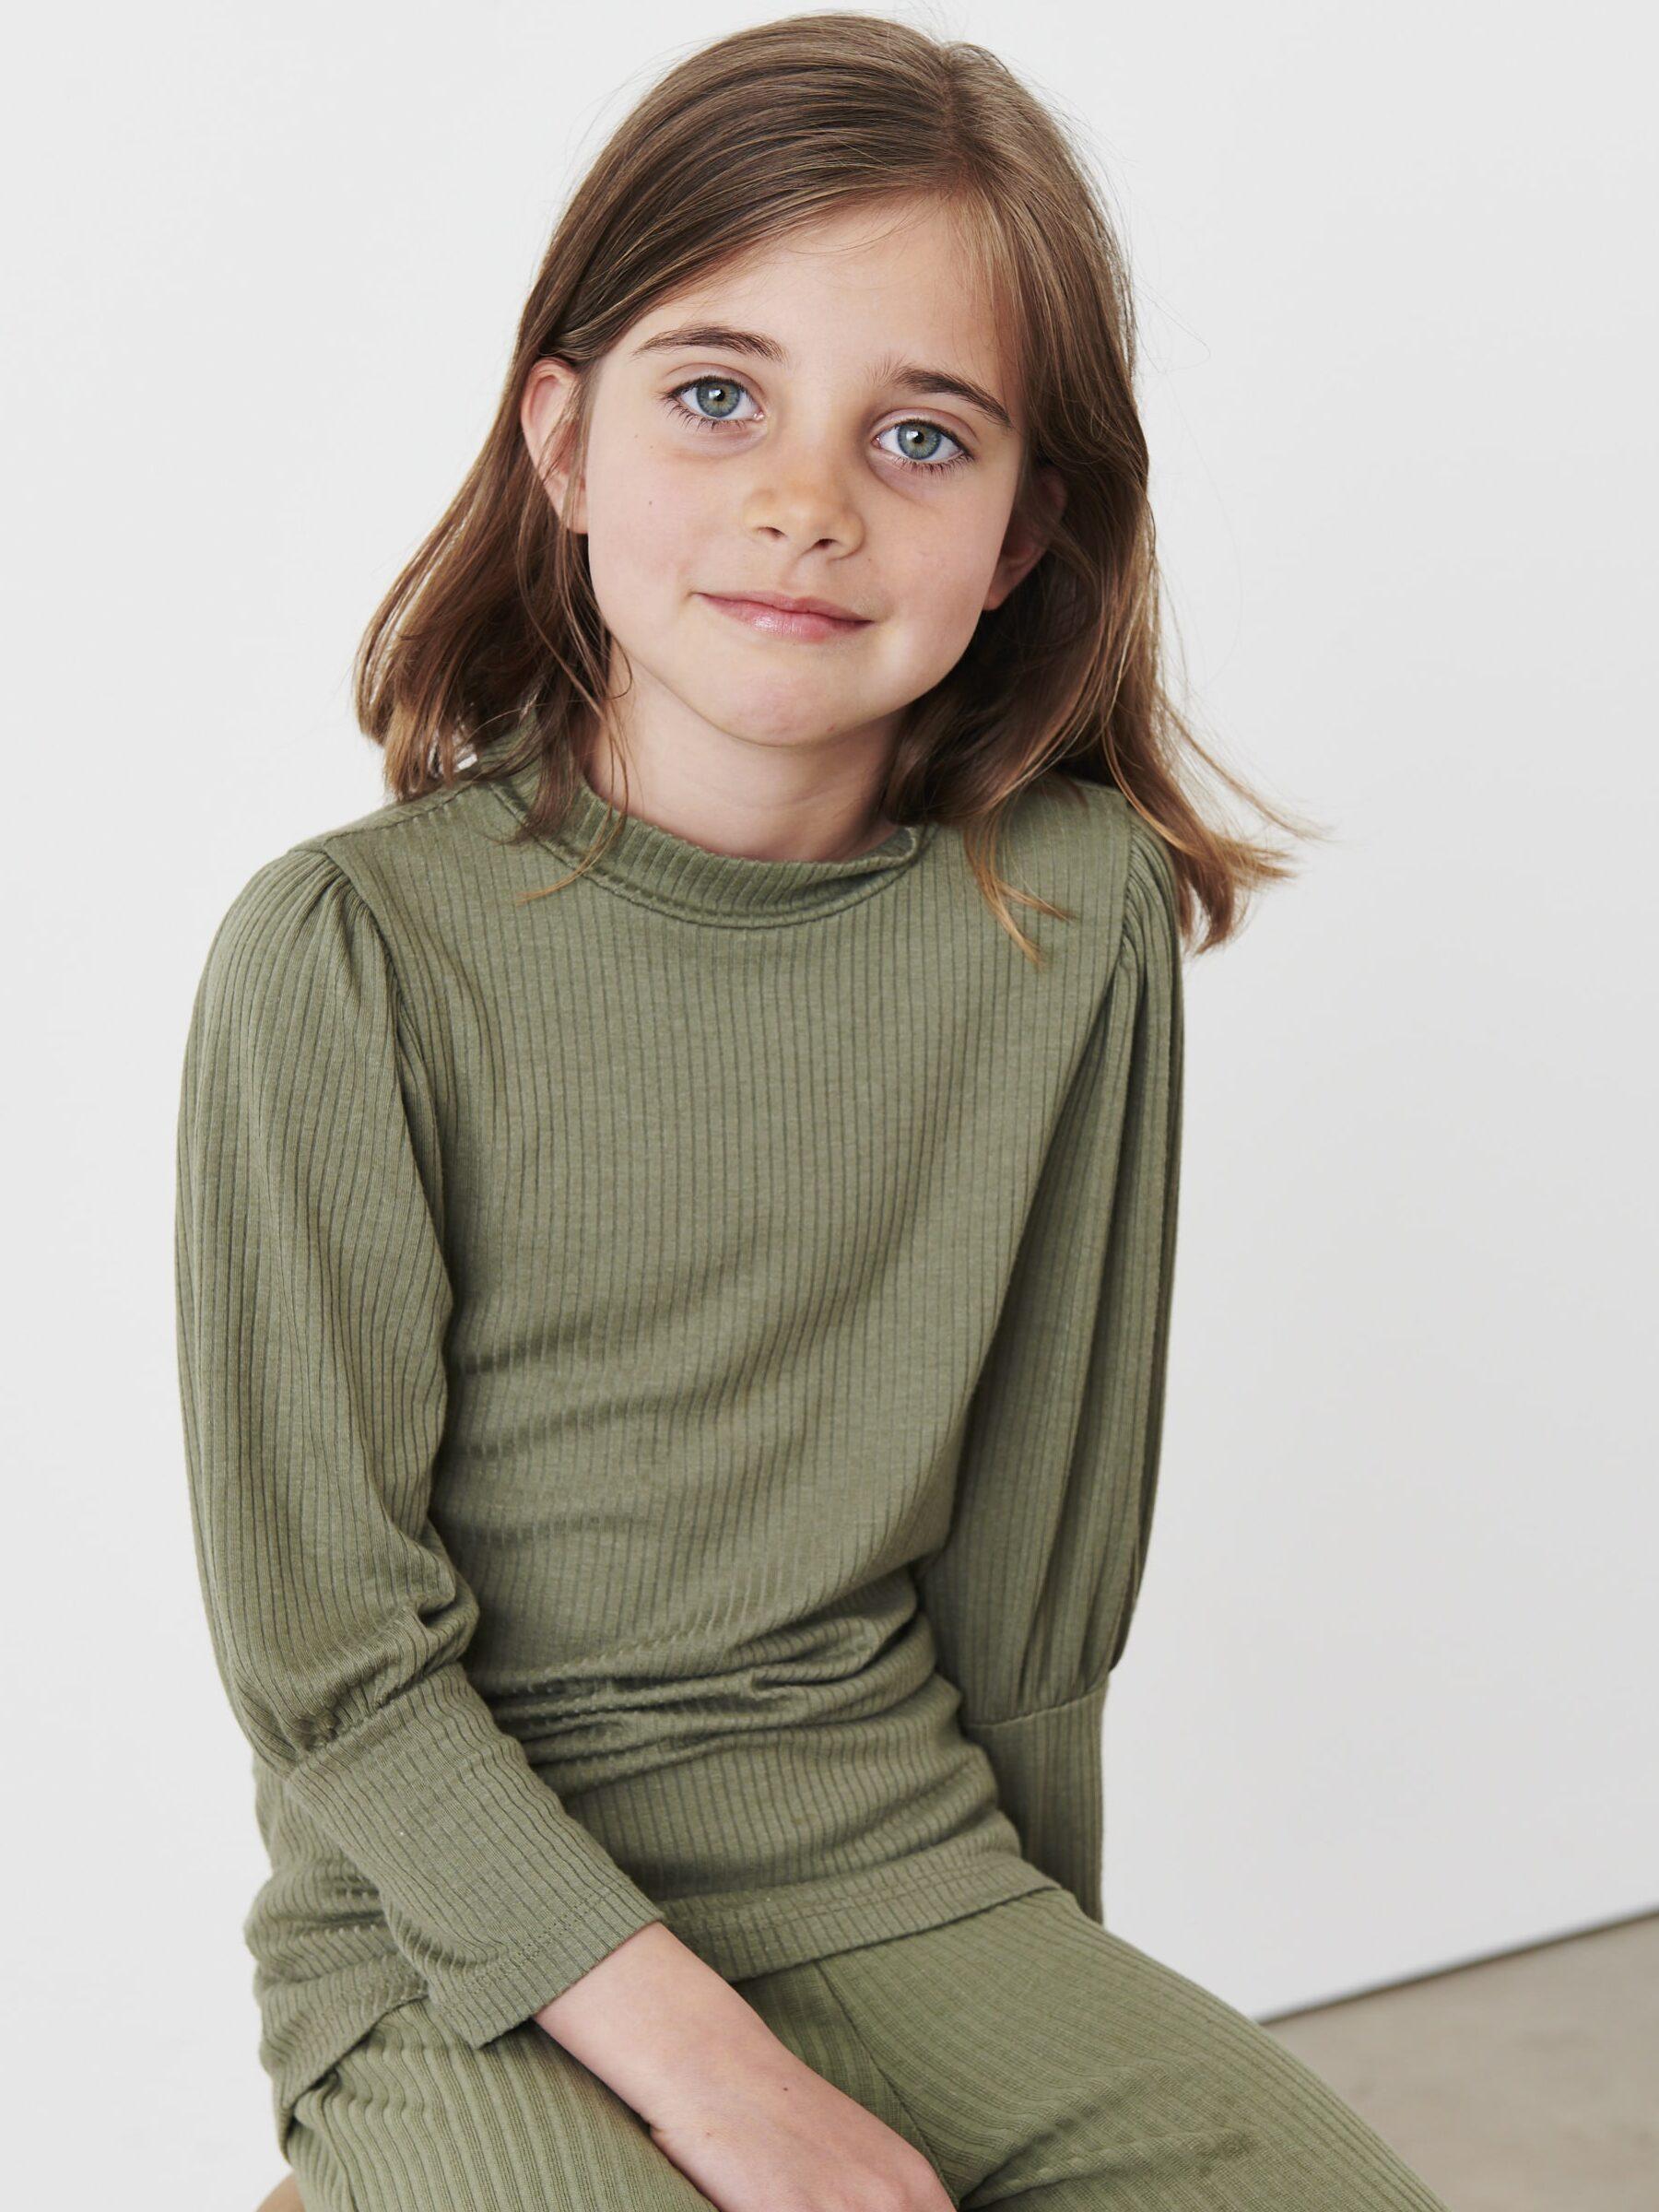 Karla Sofie B.